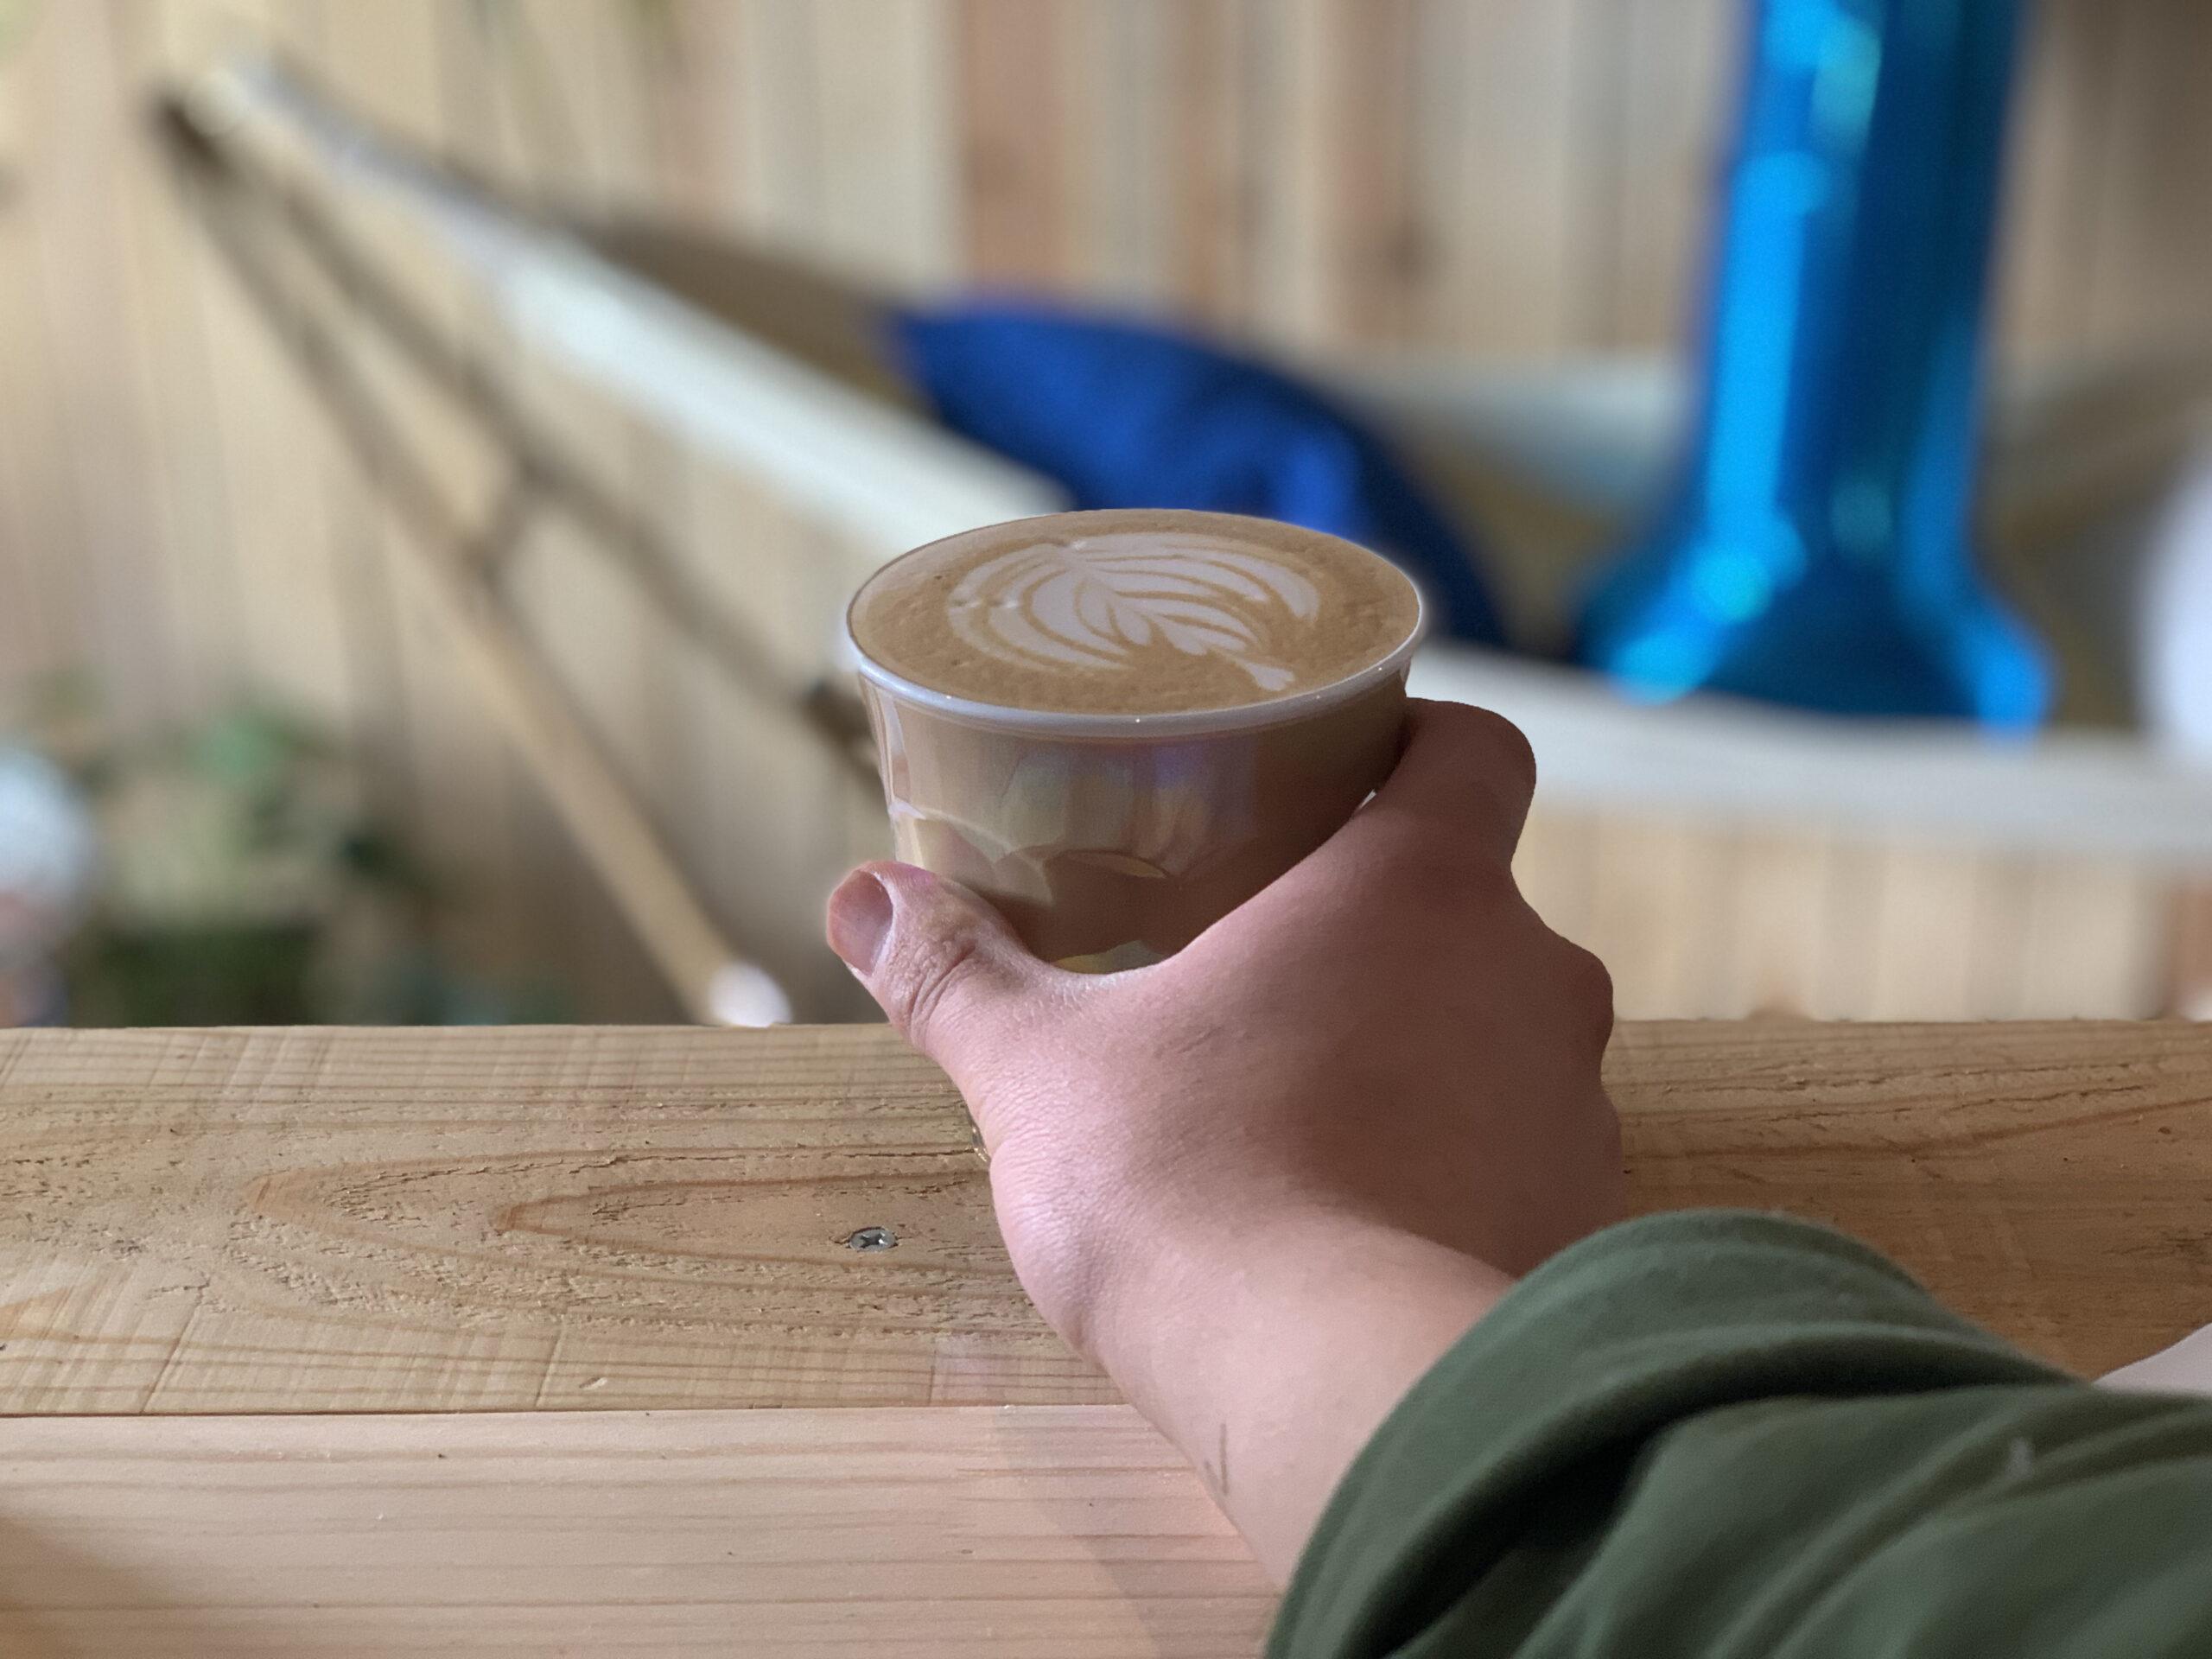 ▷一人カフェでまったりとした時間を